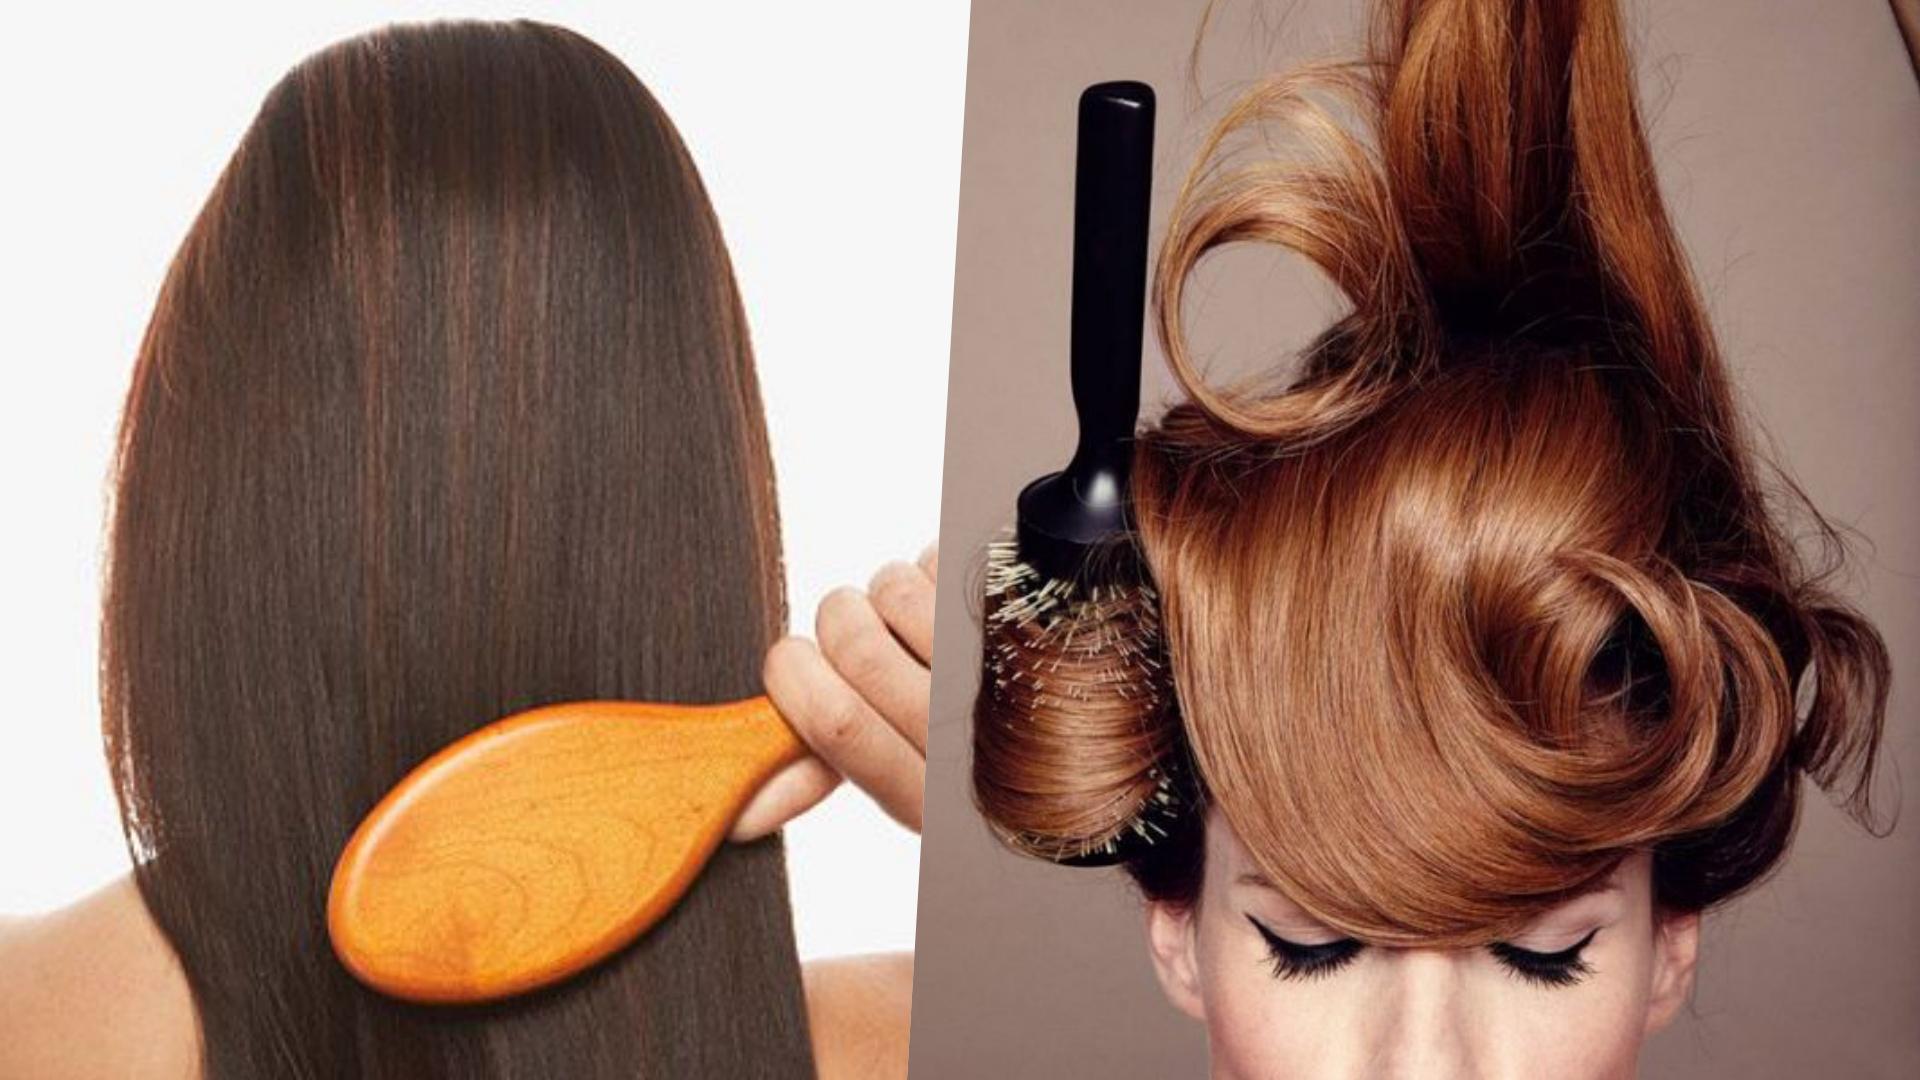 養成梳頭的好習慣,能夠放鬆按摩頭皮更健康。